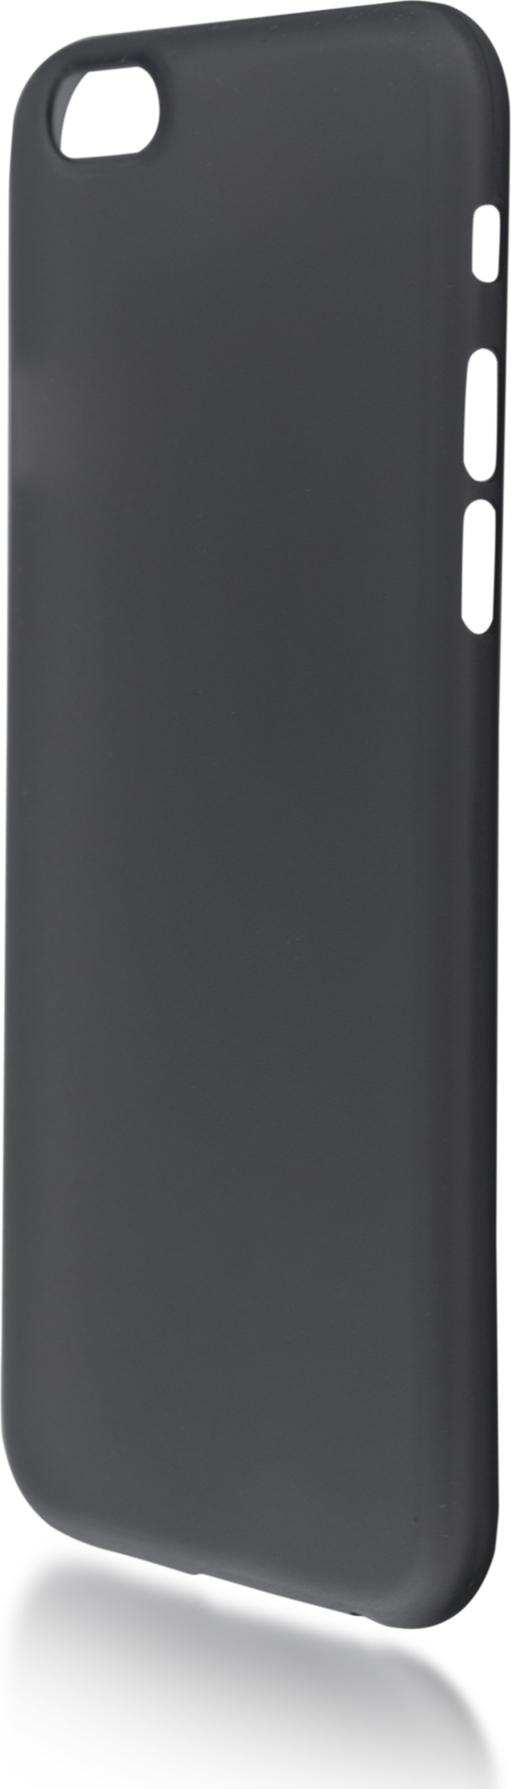 купить Чехол Brosco SuperSlim для Apple iPhone 6, черный онлайн